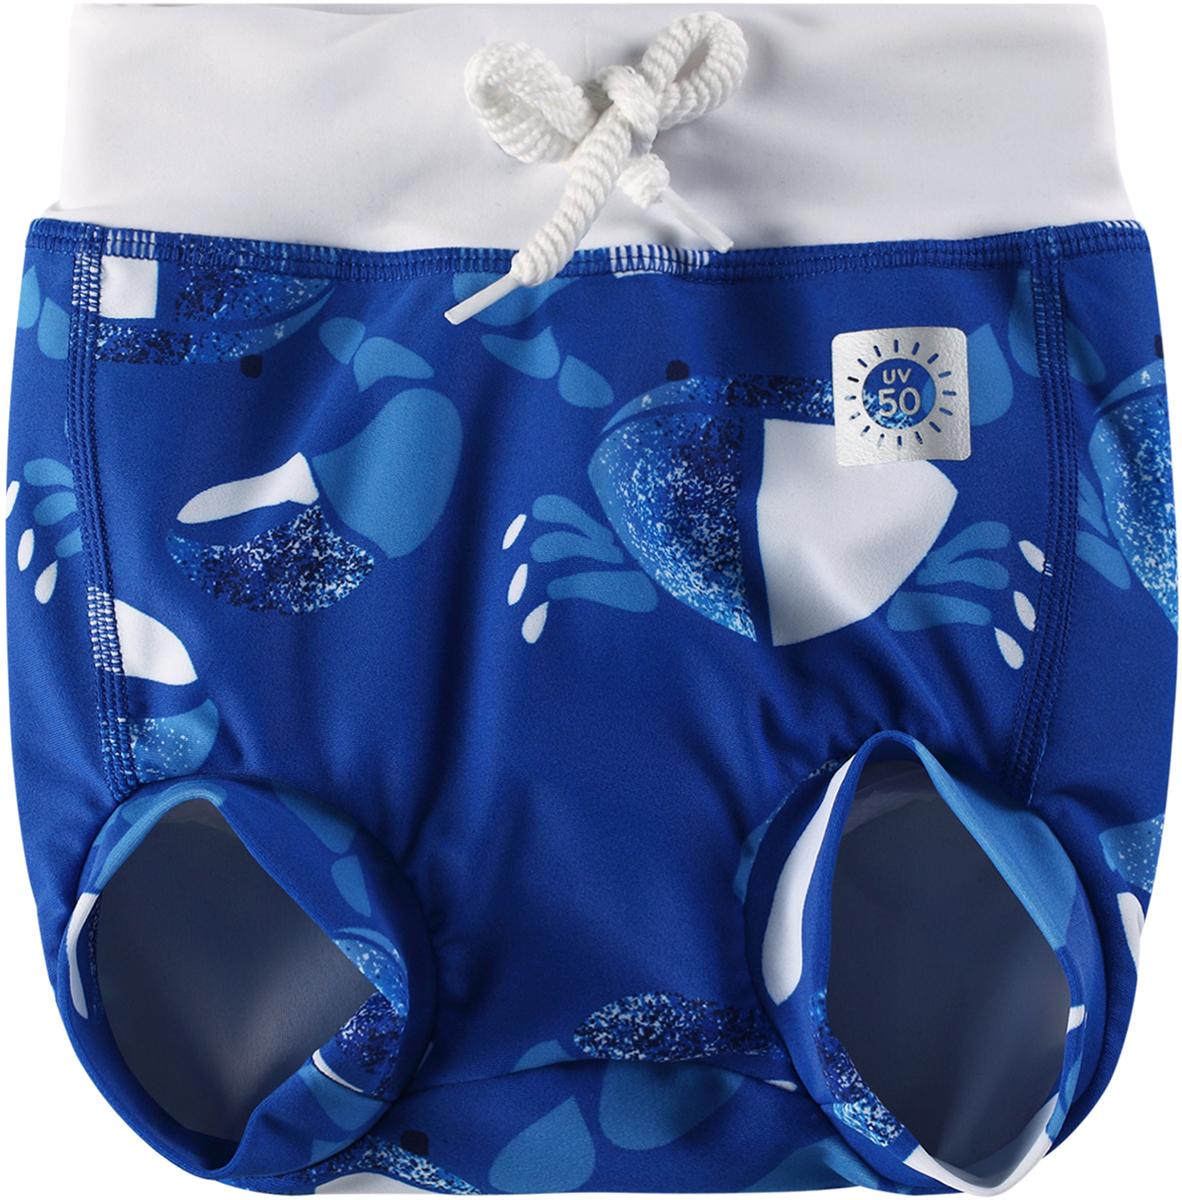 Купальные плавки детские Reima Belize, цвет: синий. 5163346643. Размер 74 guatemala belize 1 500 000